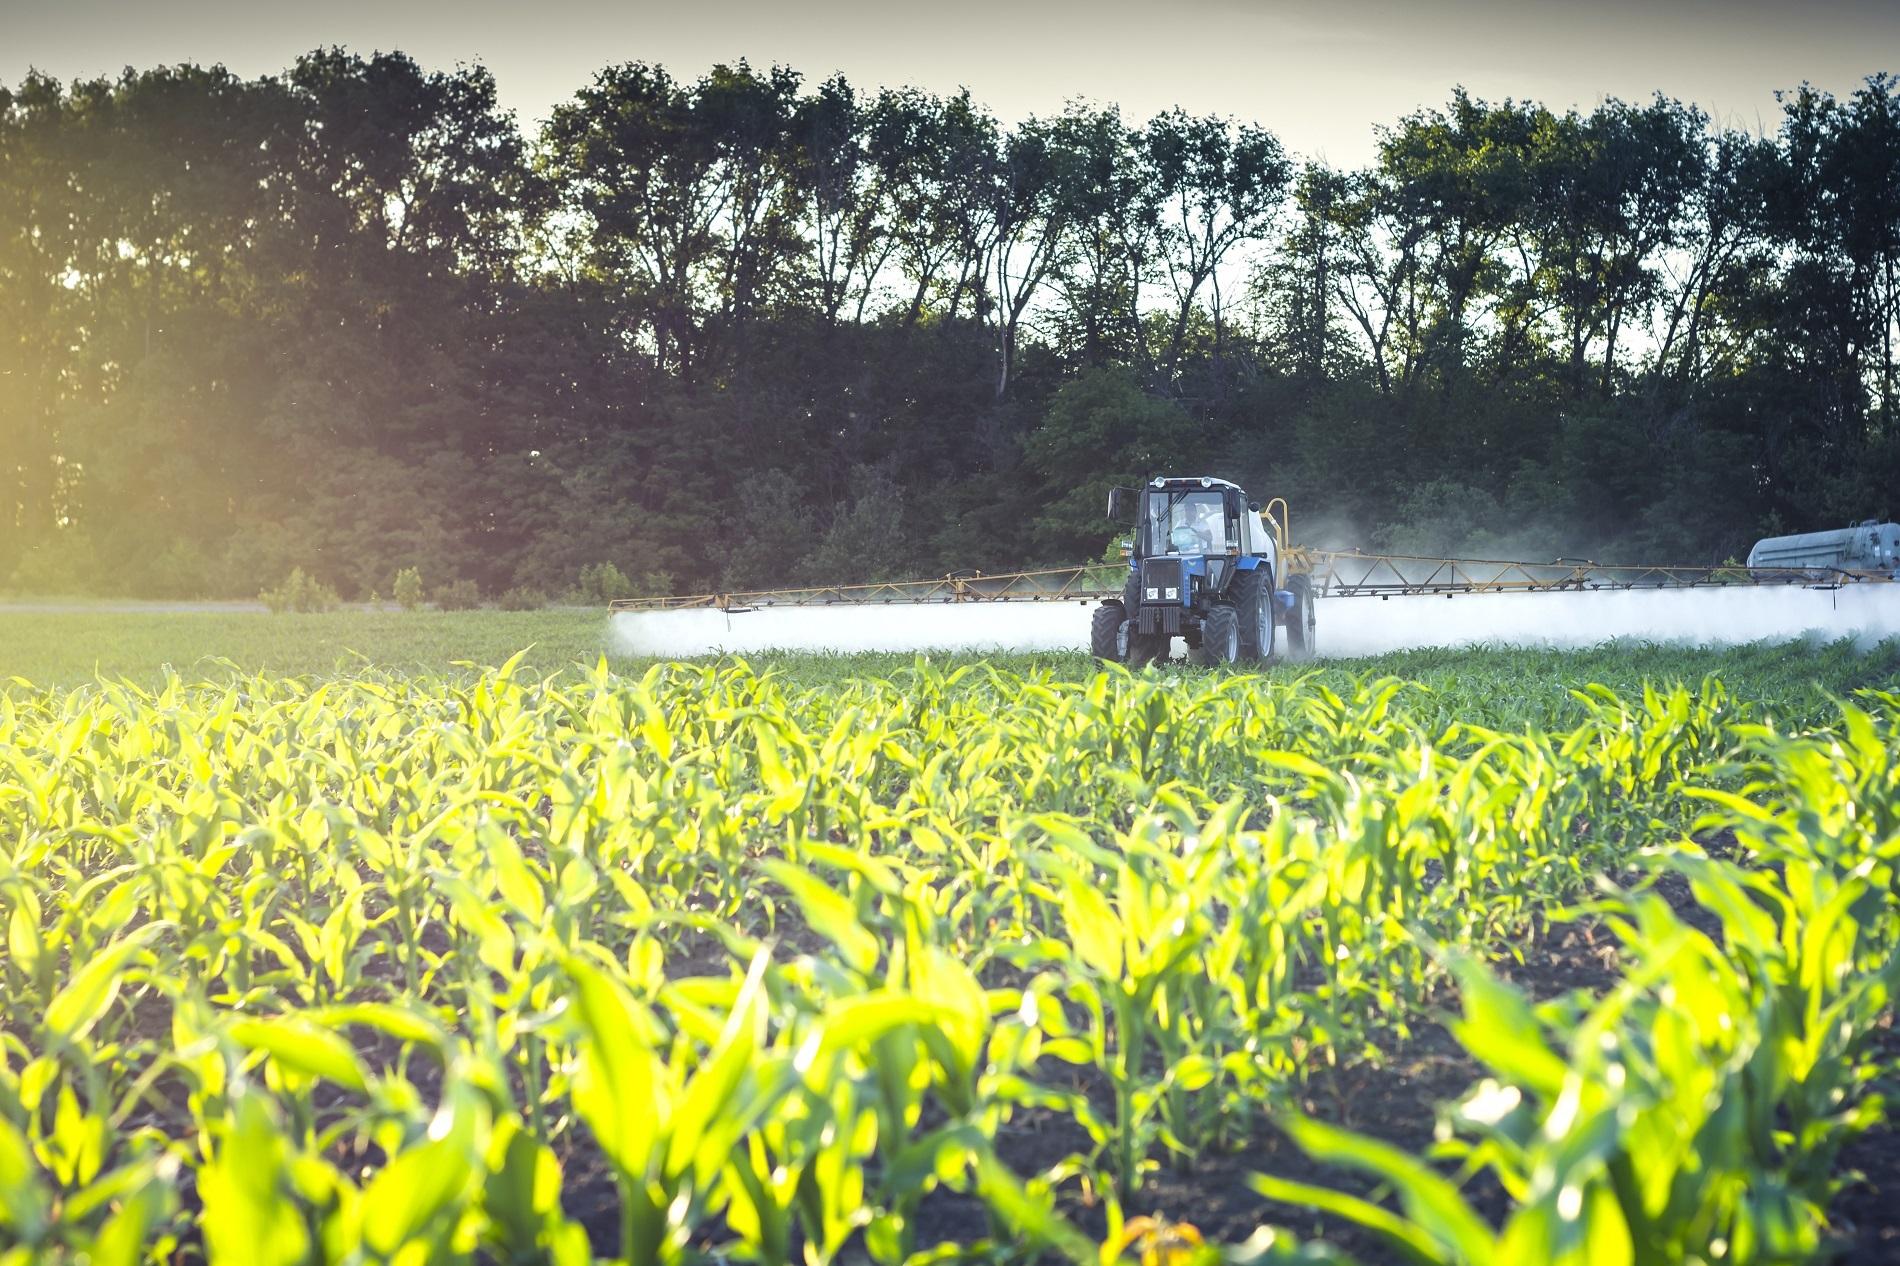 Buenas prácticas en el uso de fitosanitarios: durante la aplicación